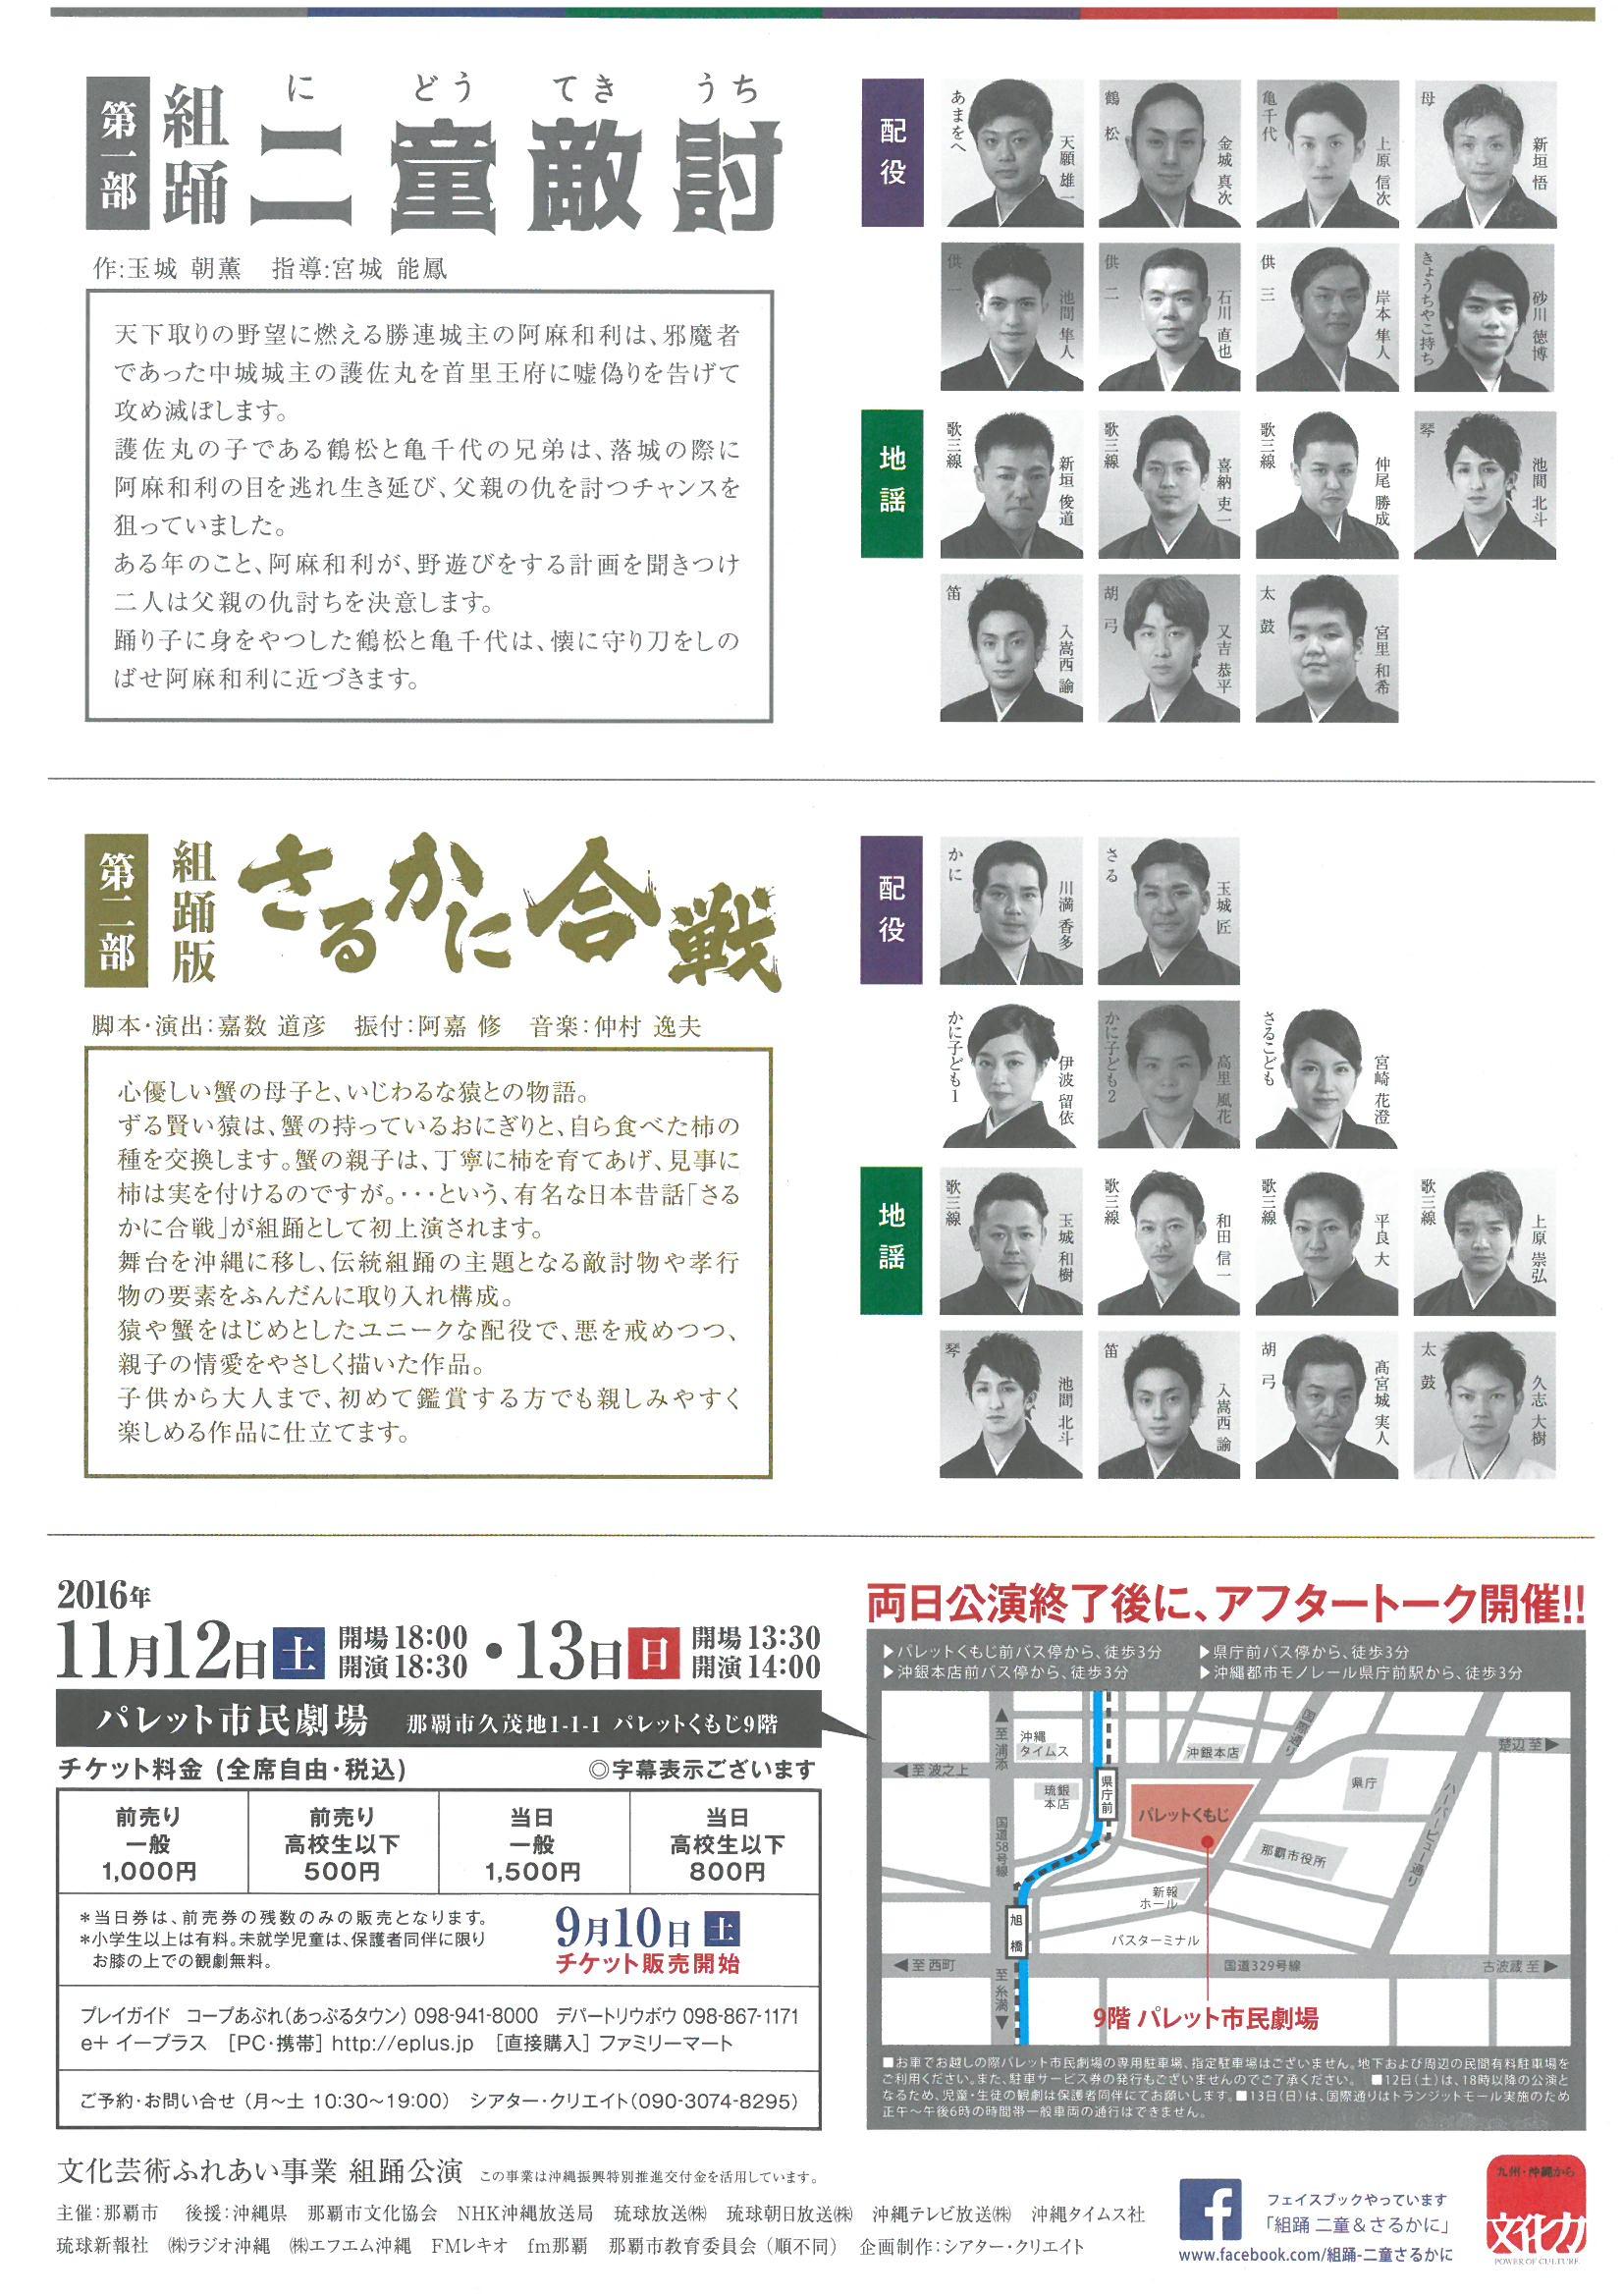 イベント 那覇市文化協会 ページ 2